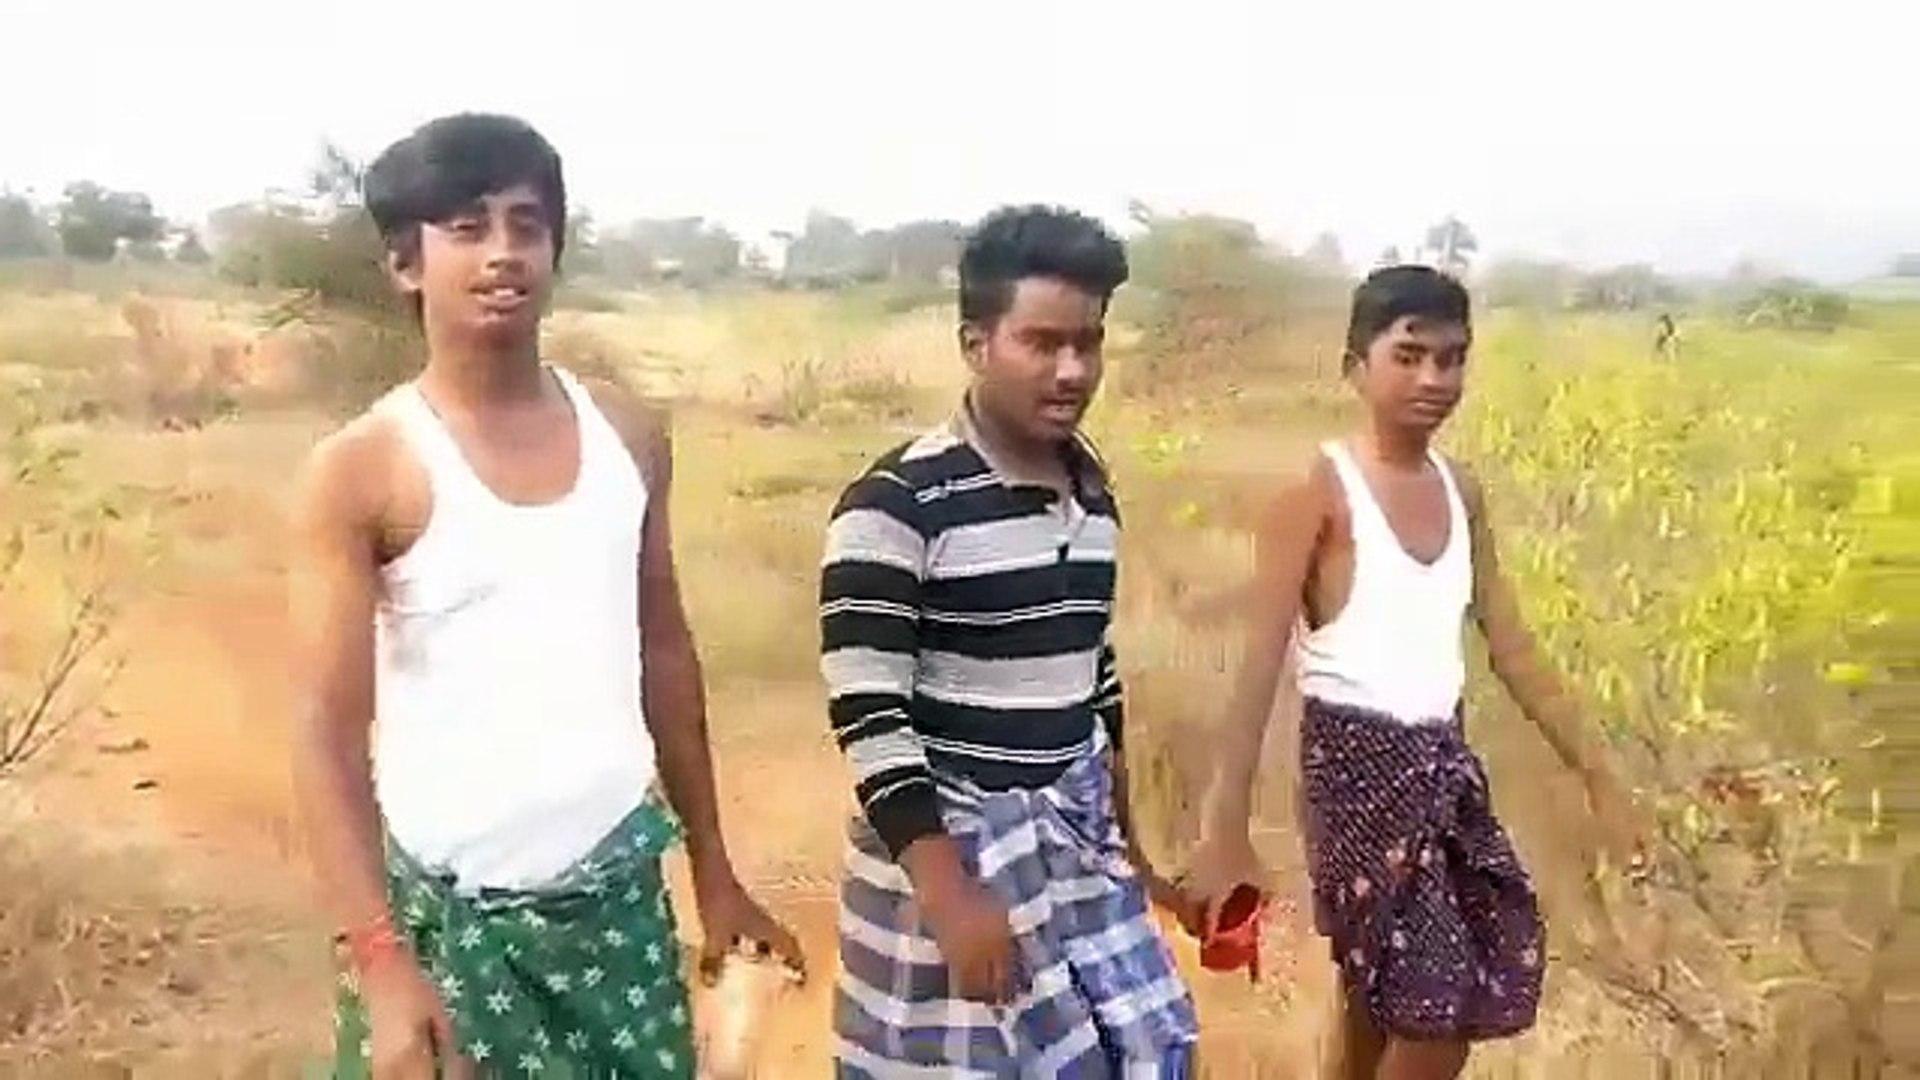 7 share pachi boothulu telugu pachi boothulu arjun reddy pachi  boothulu arokya pachi boothulu